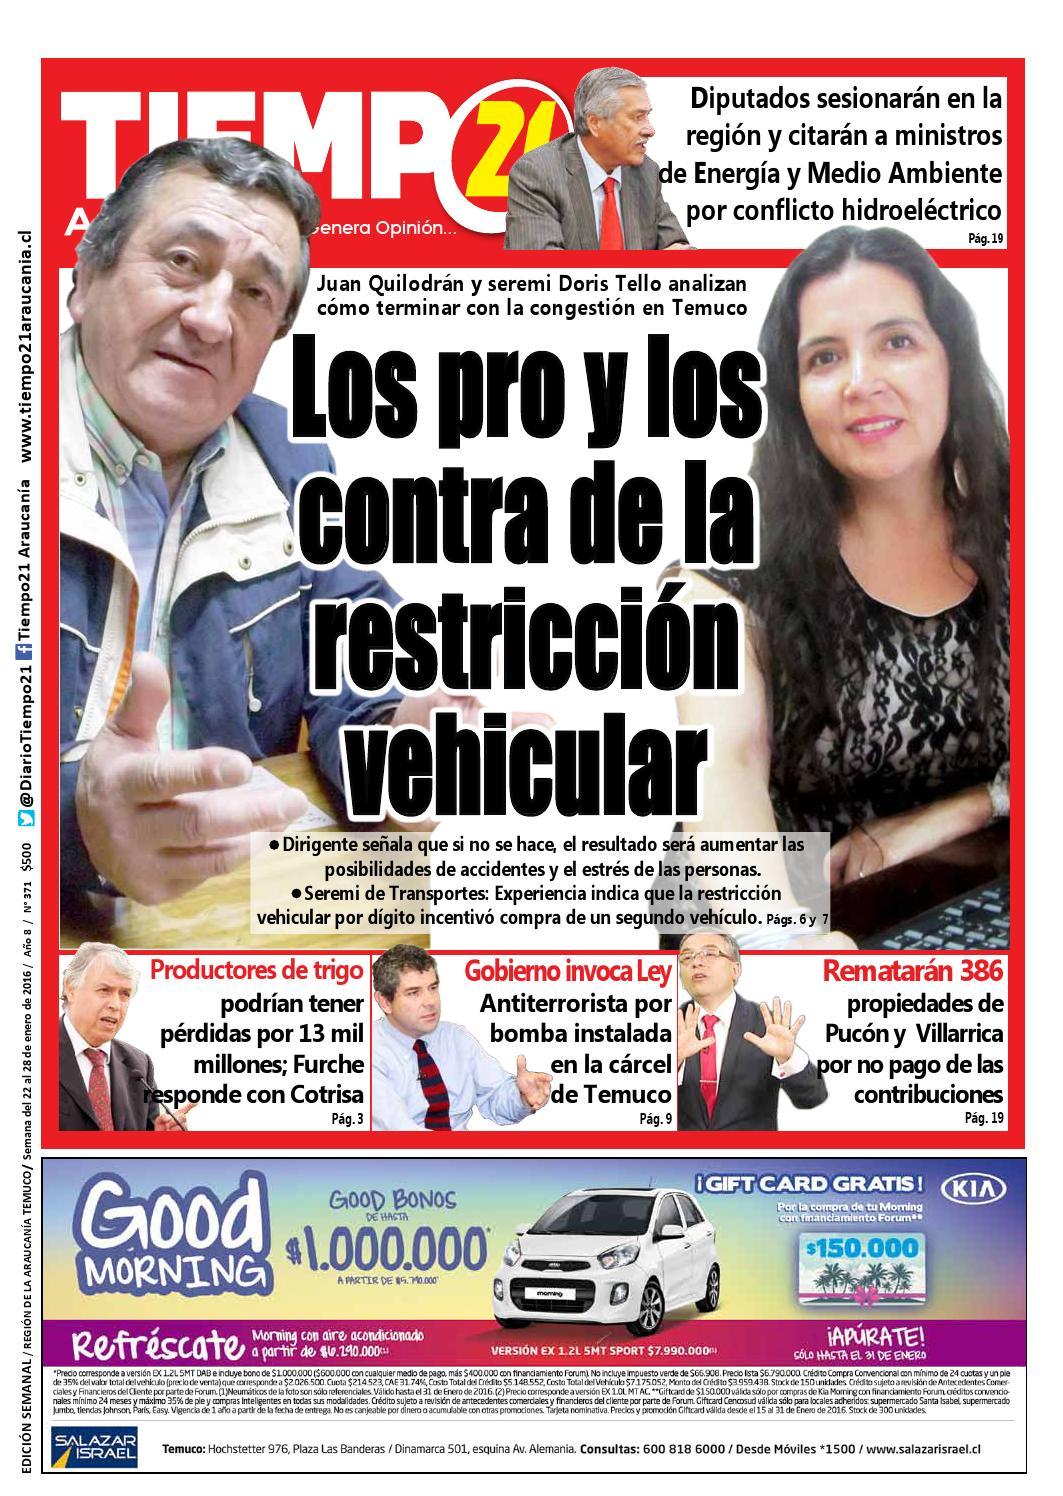 Edici N 371 Congesti N En Temuco Los Pro Y Los Contra De La  # Muebles Jouannet Temuco